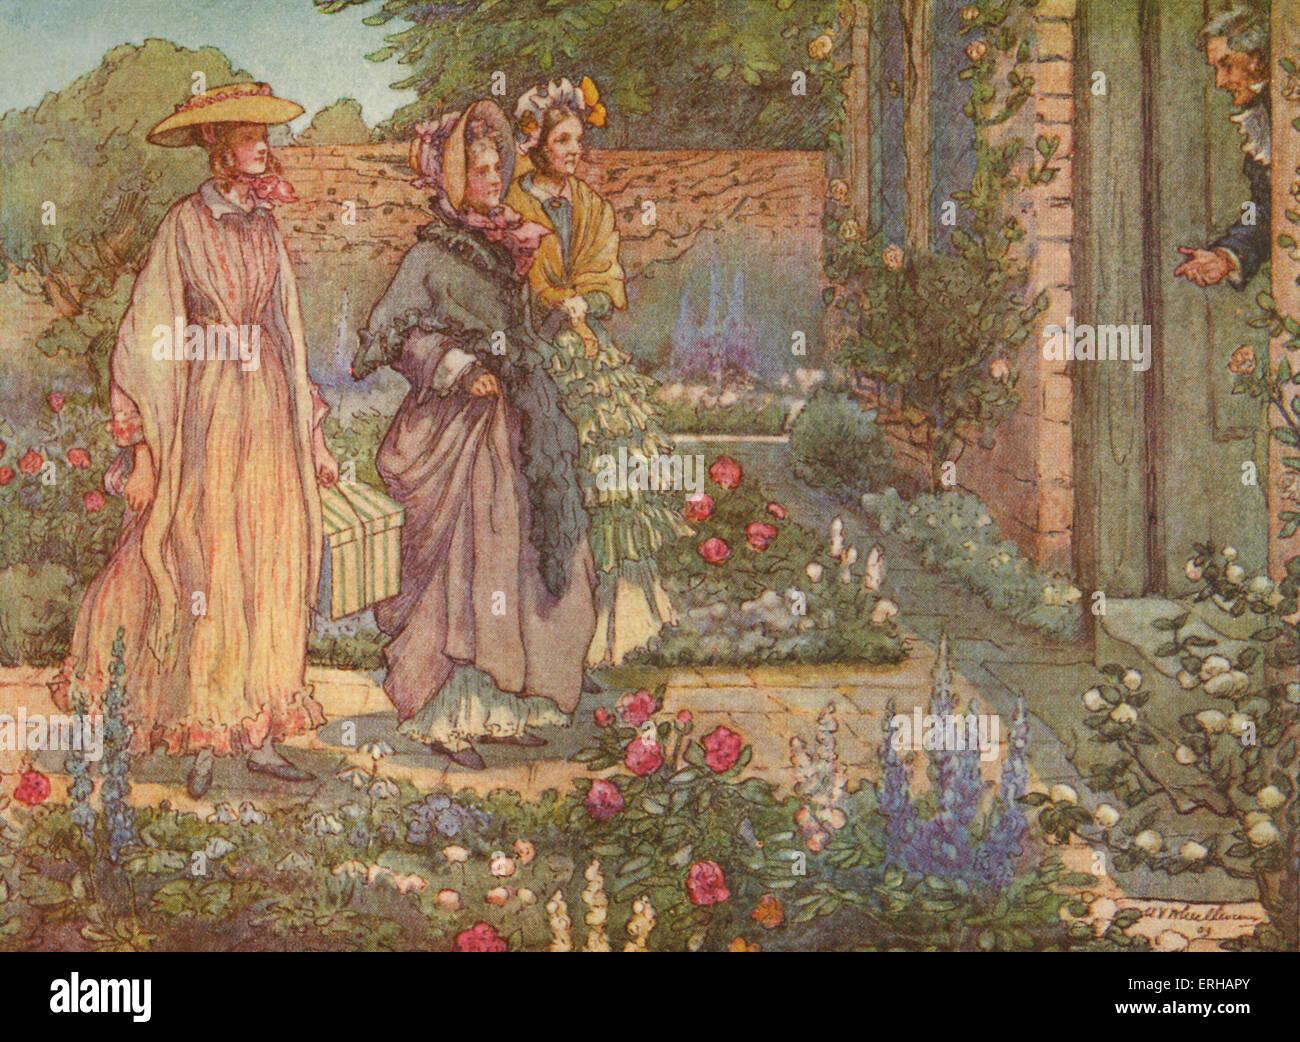 Cranford par Elizabeth Gaskell. Illustrations de M V Timonerie (1895-1933). Sous-titre suivant: c'est Photo Stock